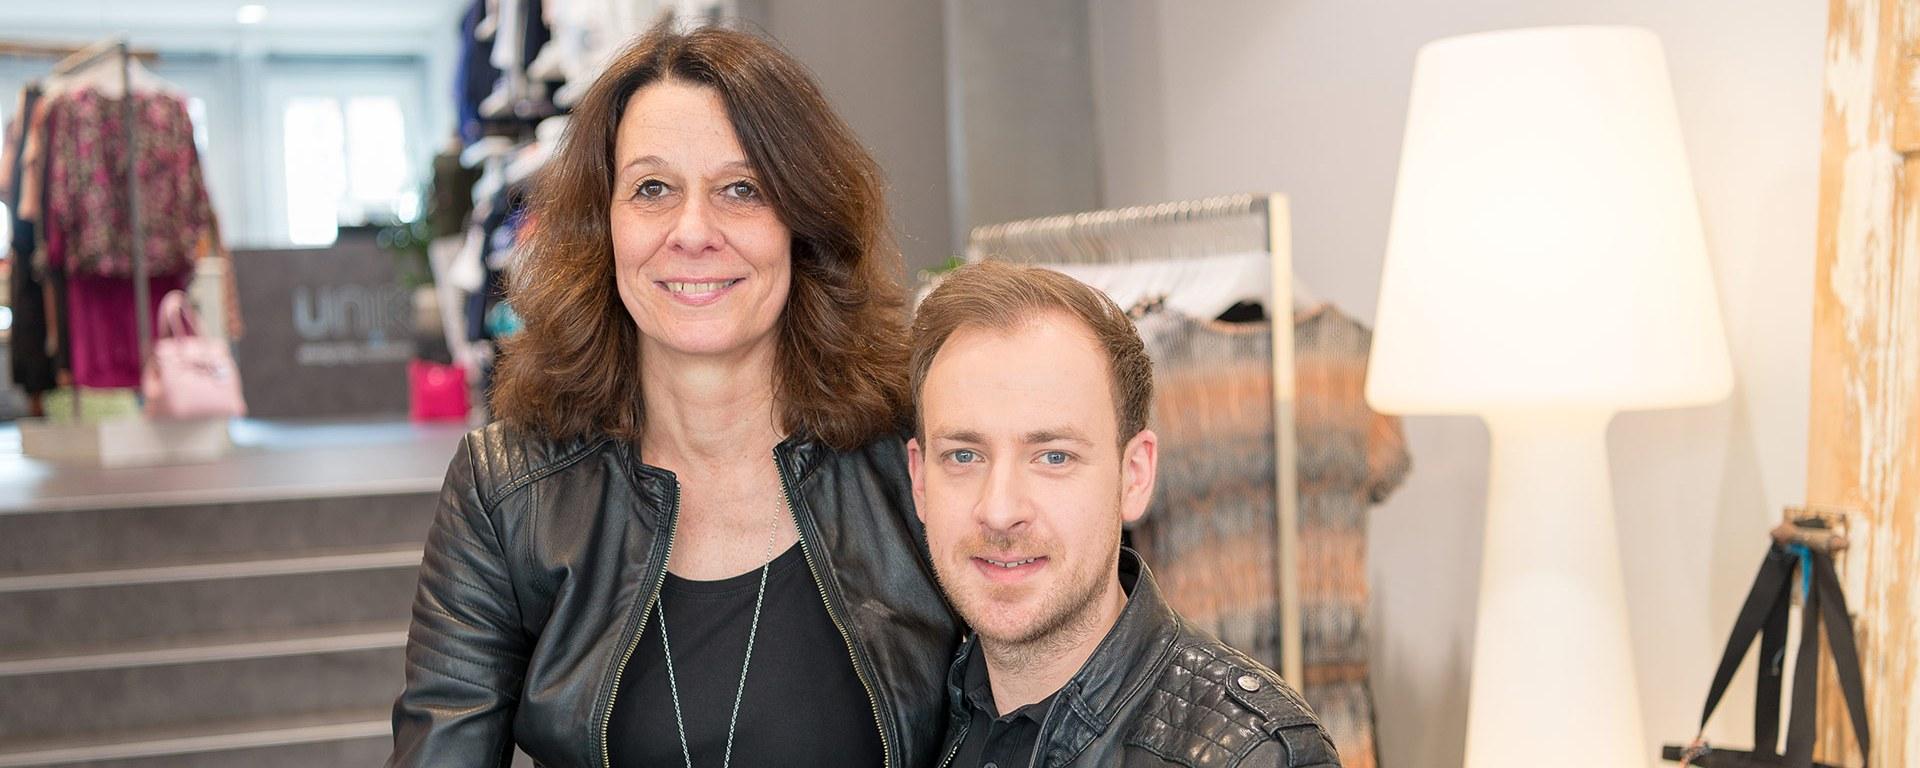 Susann Hesse und Martin Koj vom Modegeschäft UNIK.